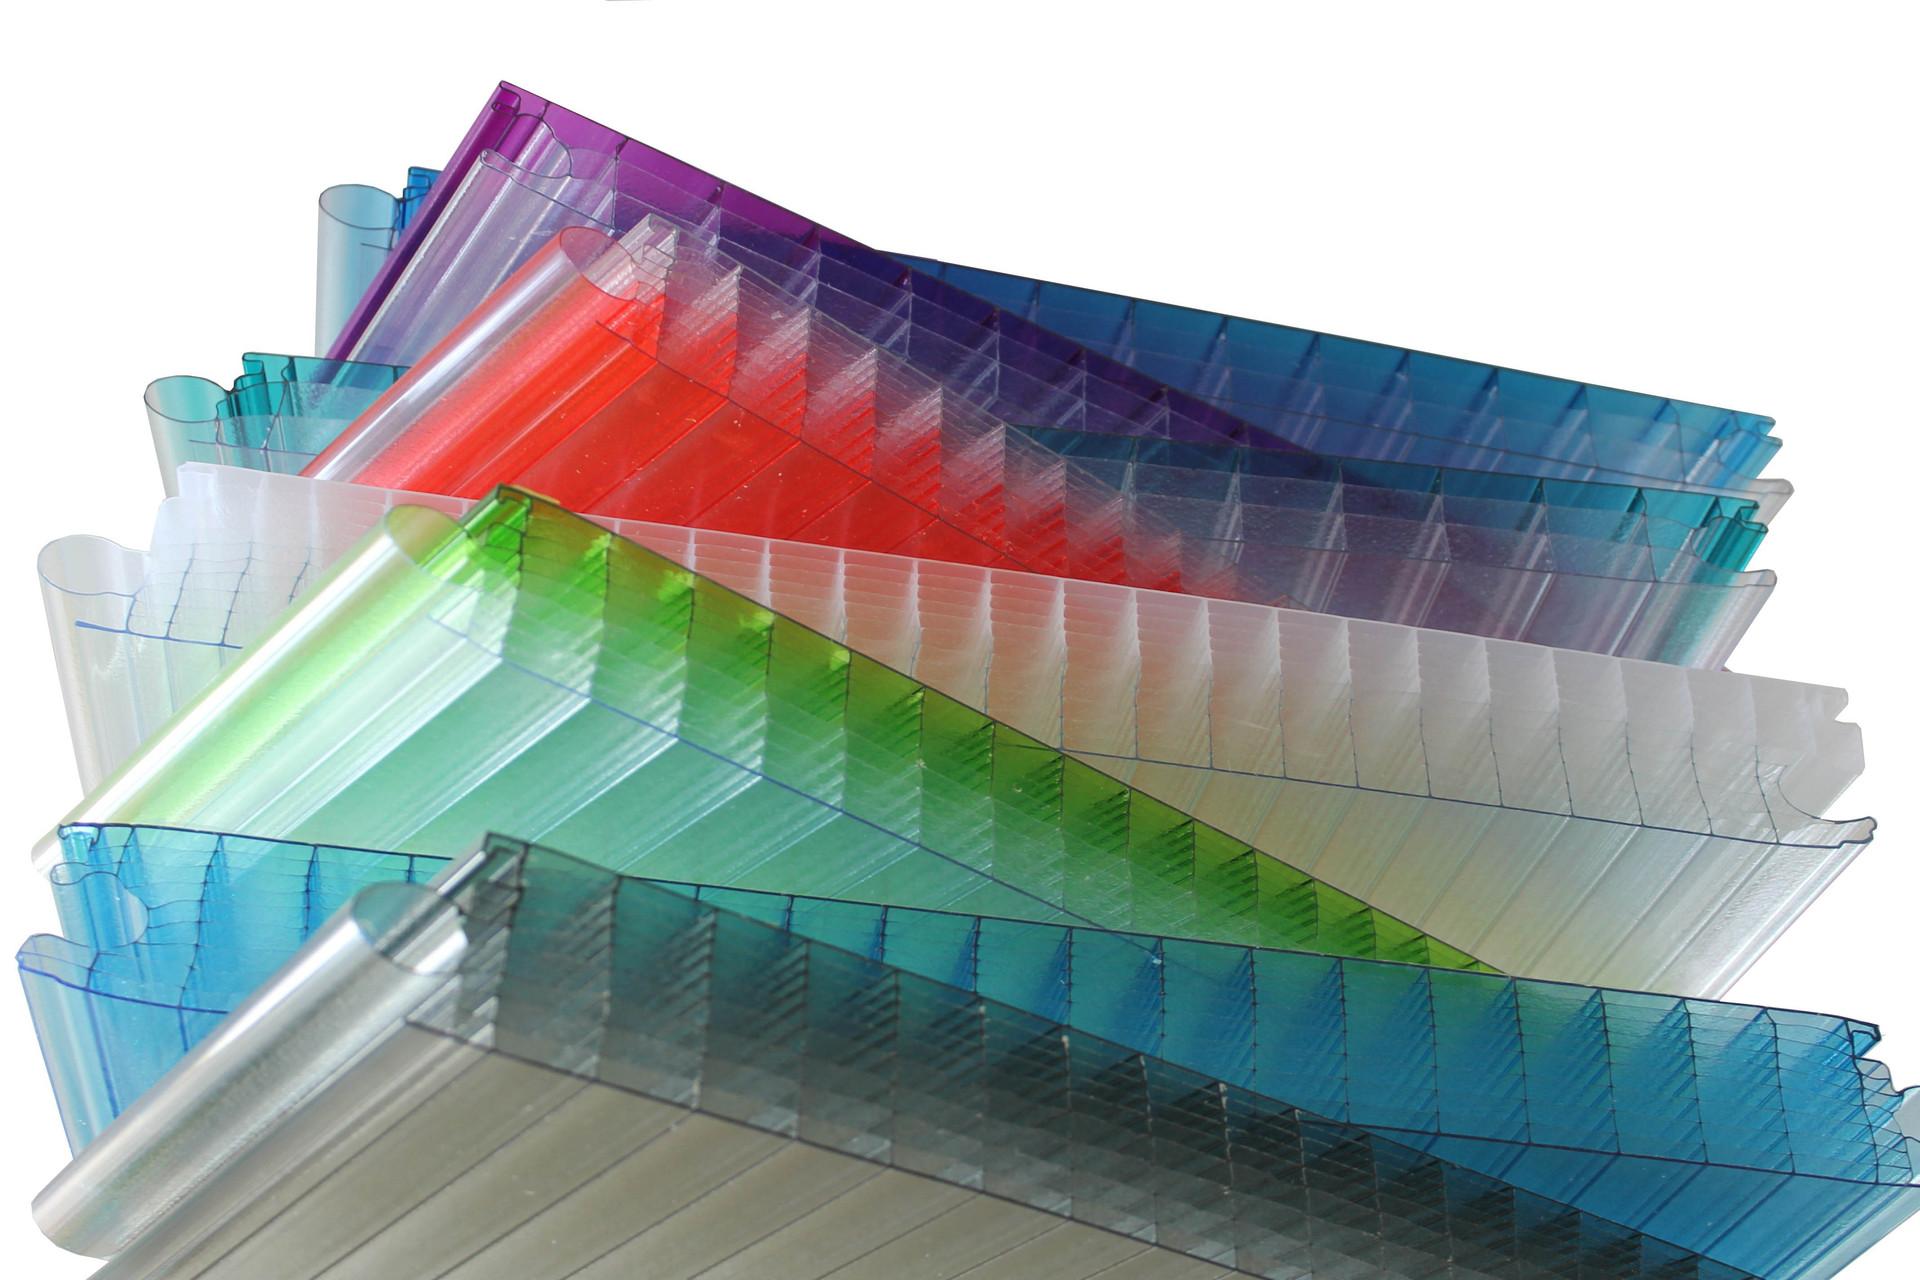 tấm nhựa lấy sáng trên thị trường